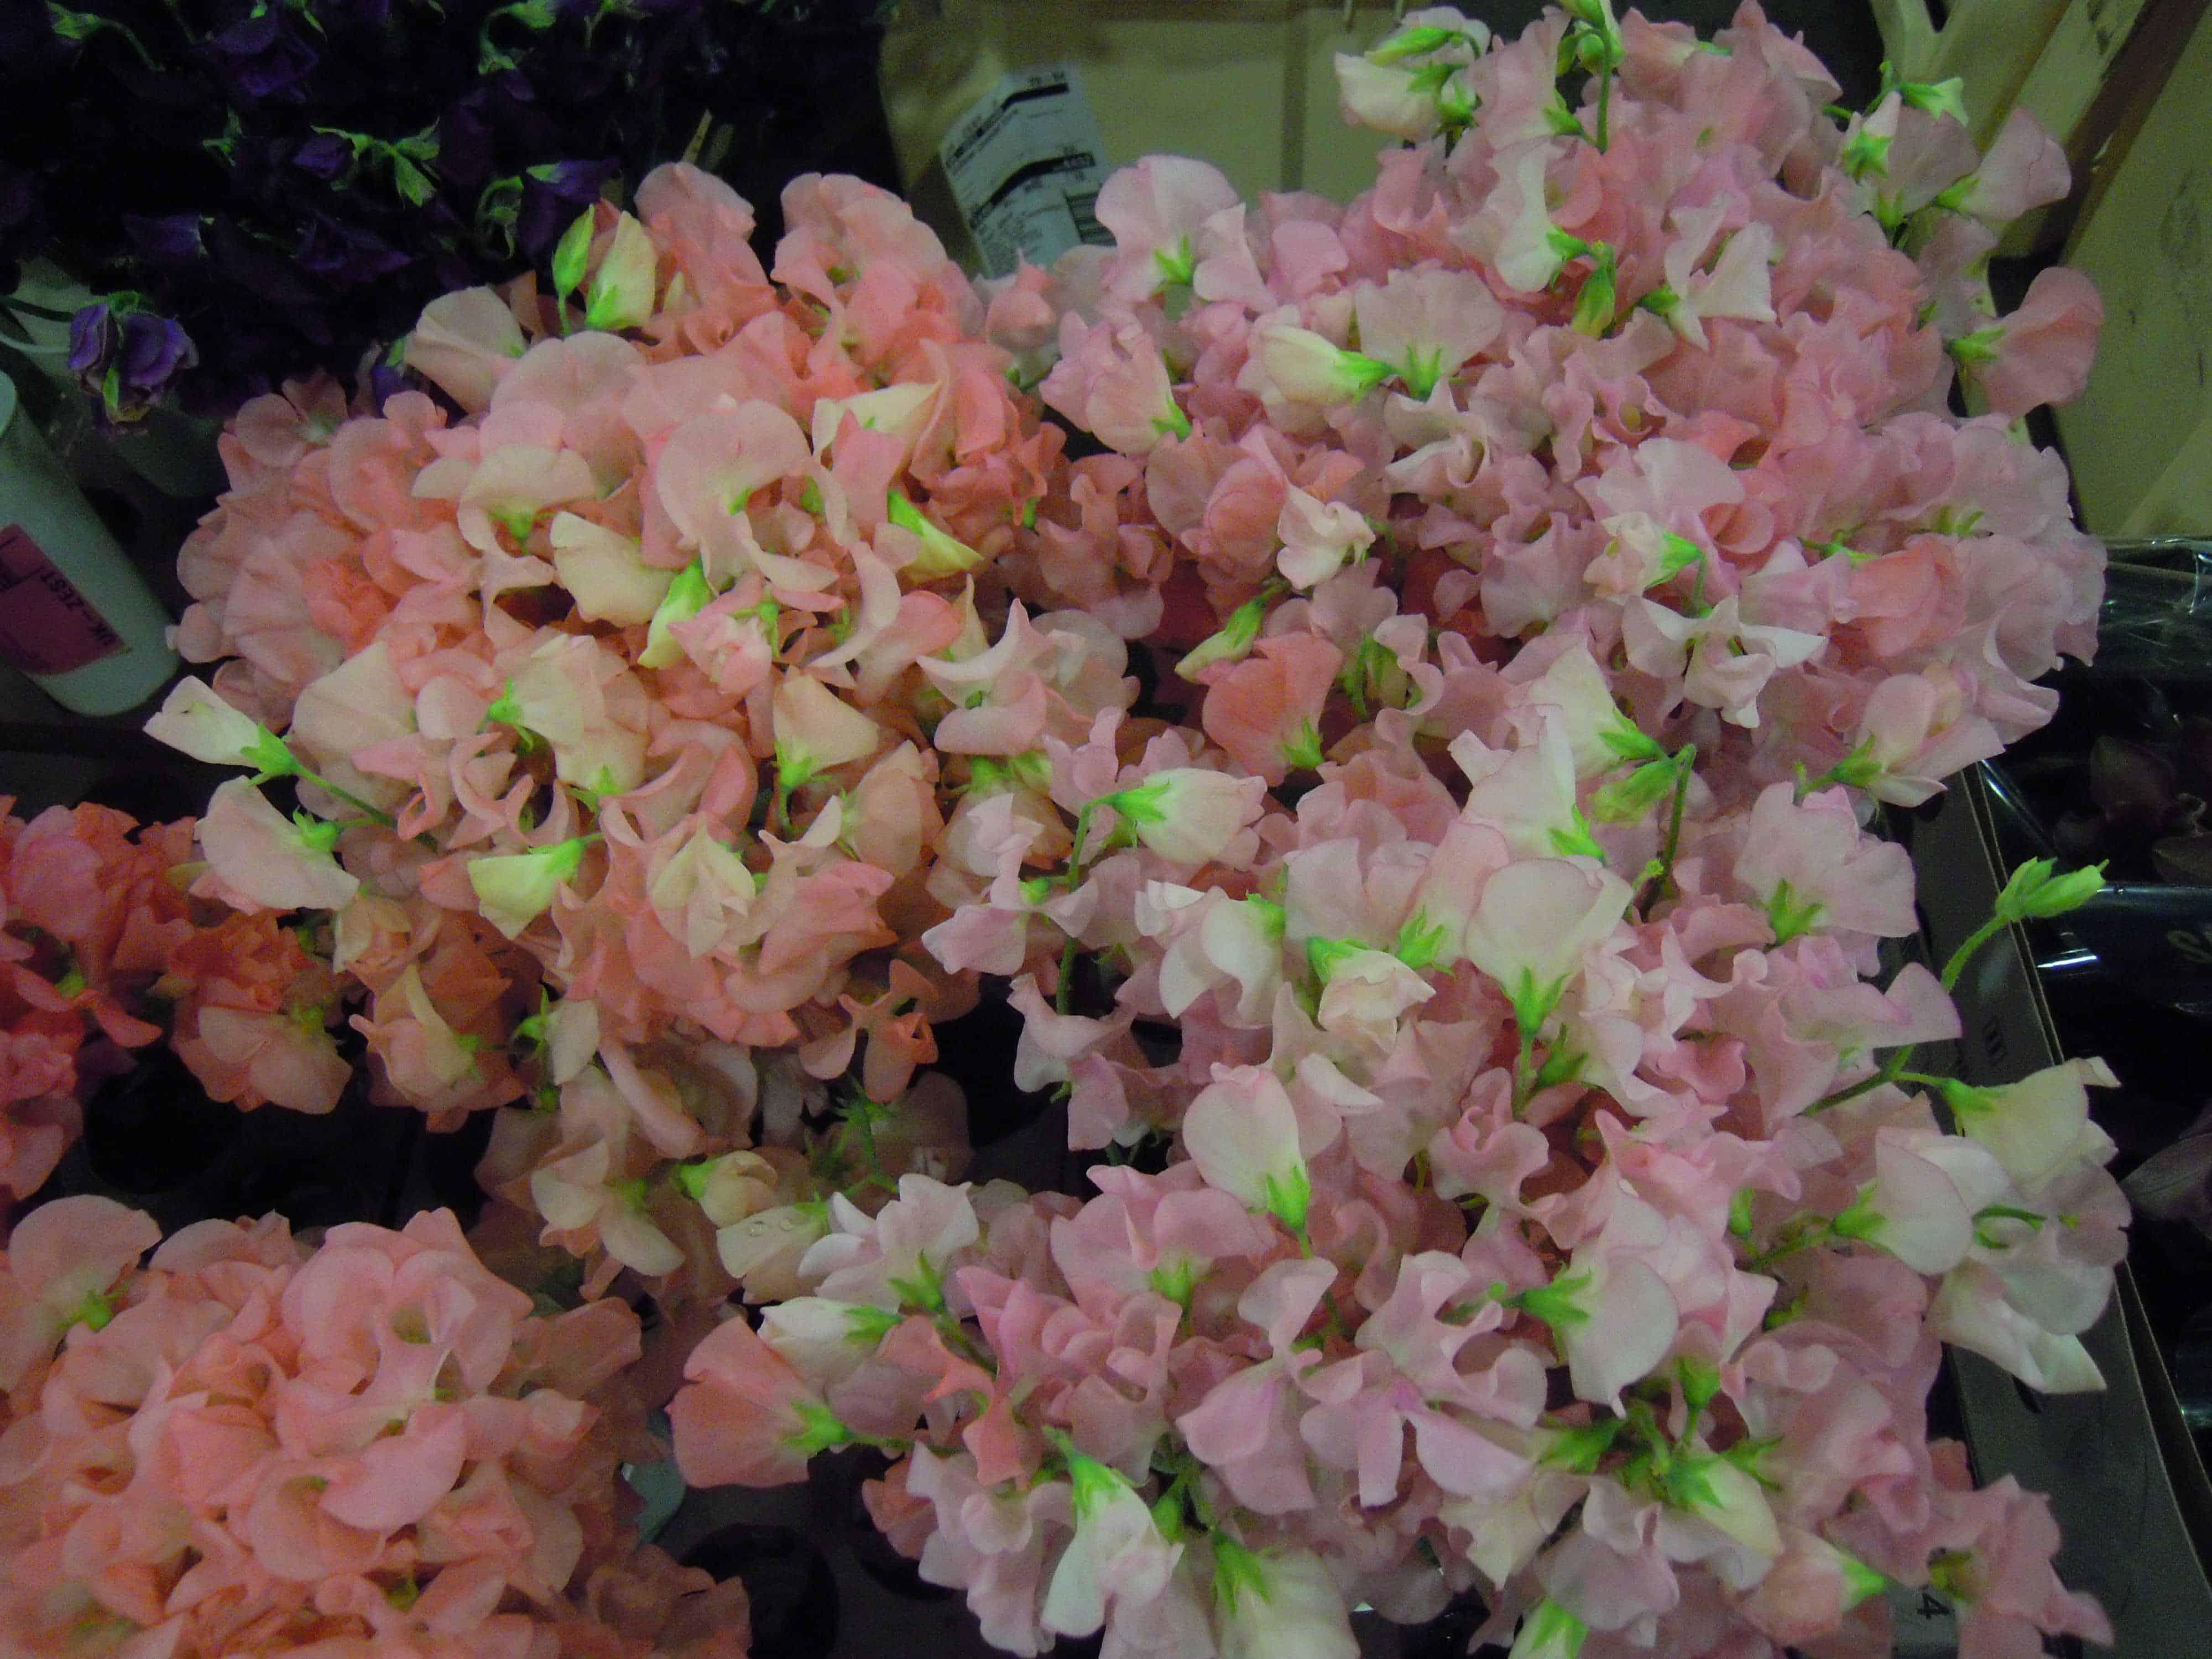 pale pink sweet peas